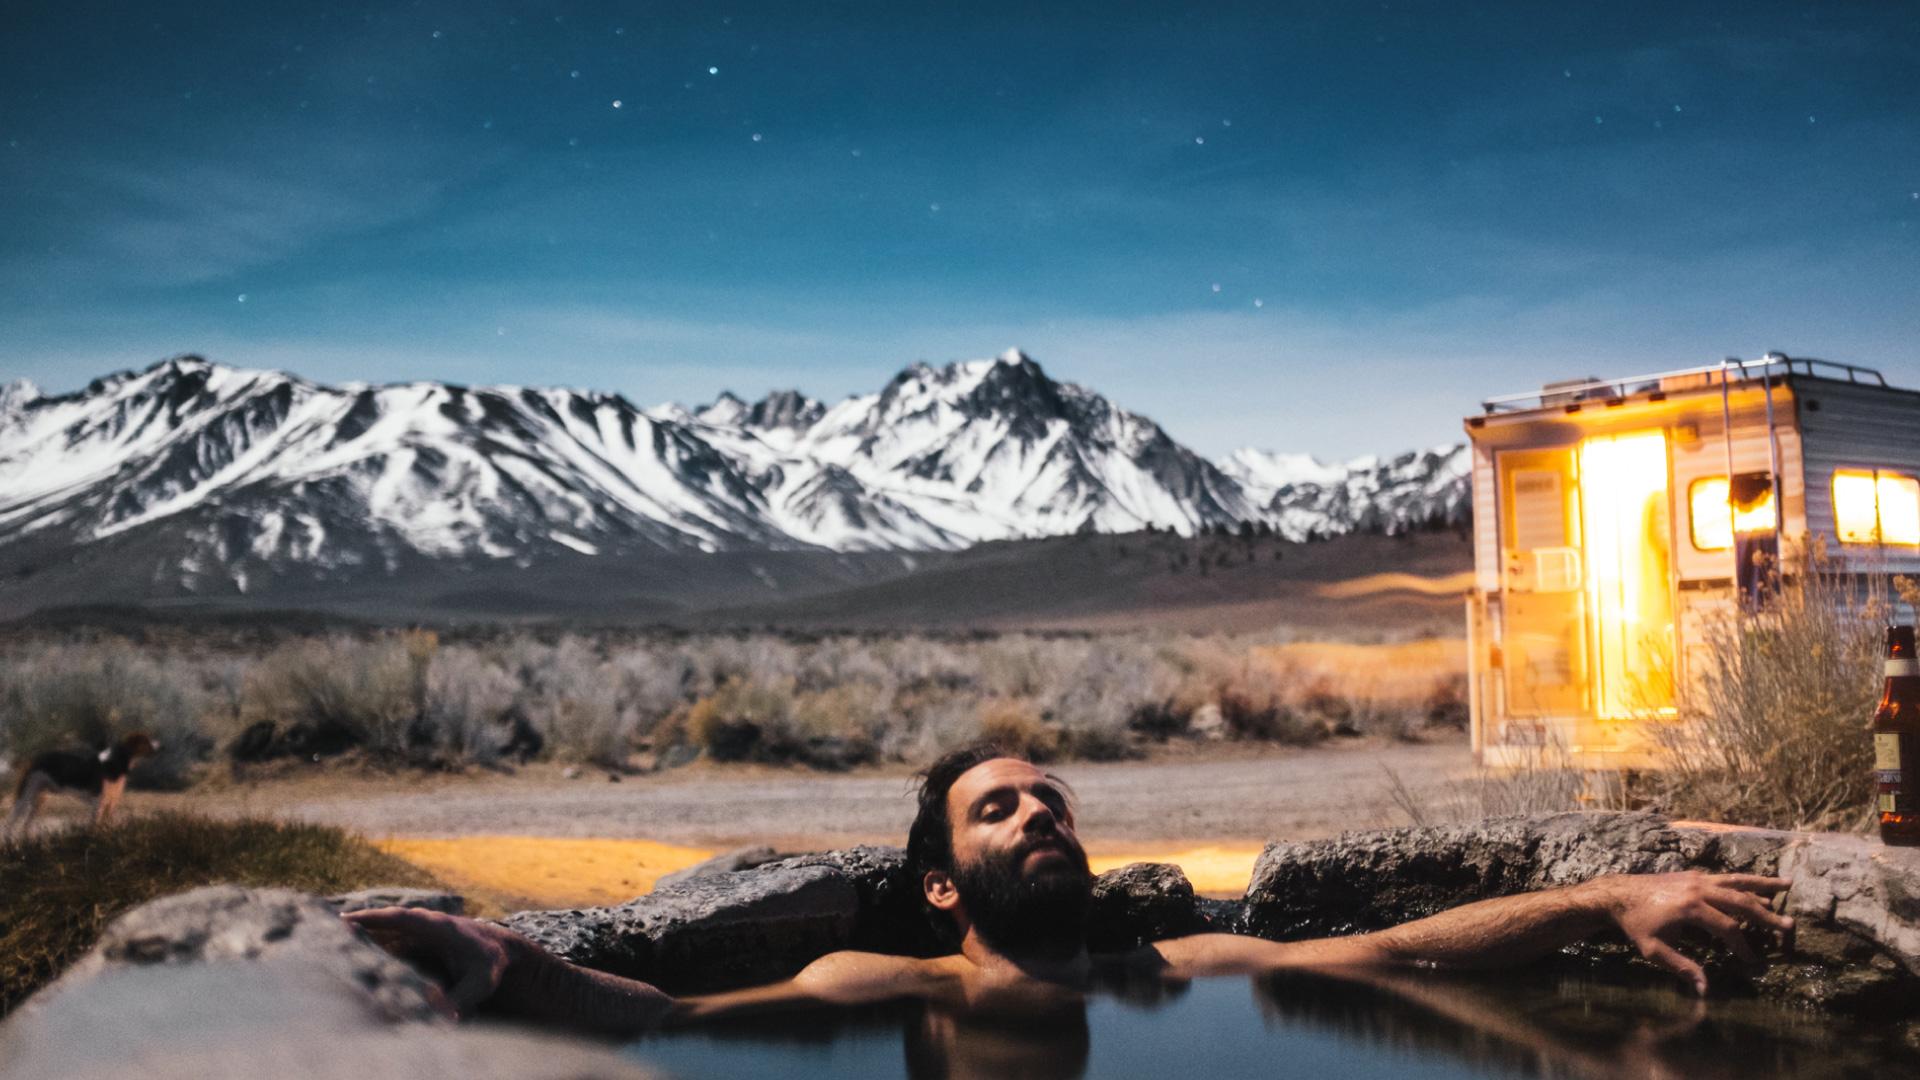 wanderlust_new_traveler